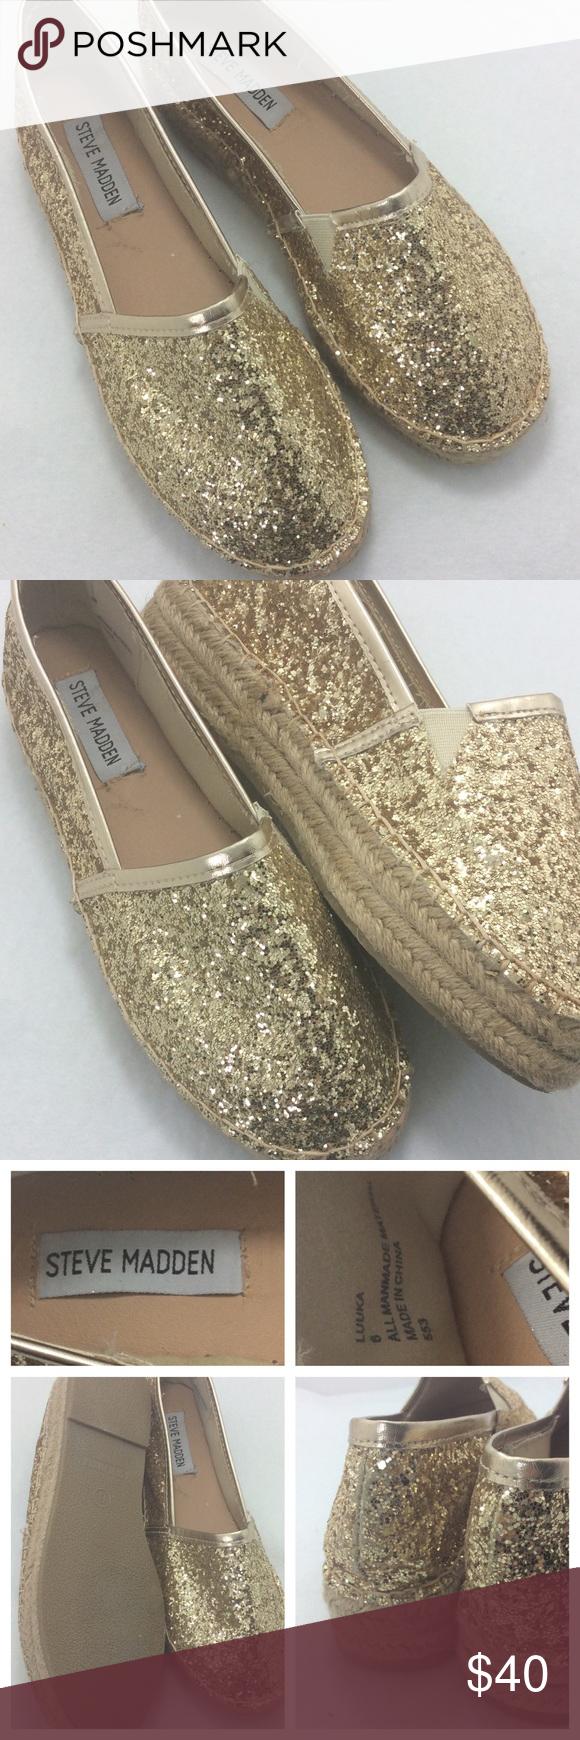 """Steve Madden Luuka Steve Madden Luuka Espadrille, glitter gold finish. 1"""" platform sole. Like new condition. Steve Madden Shoes Espadrilles"""